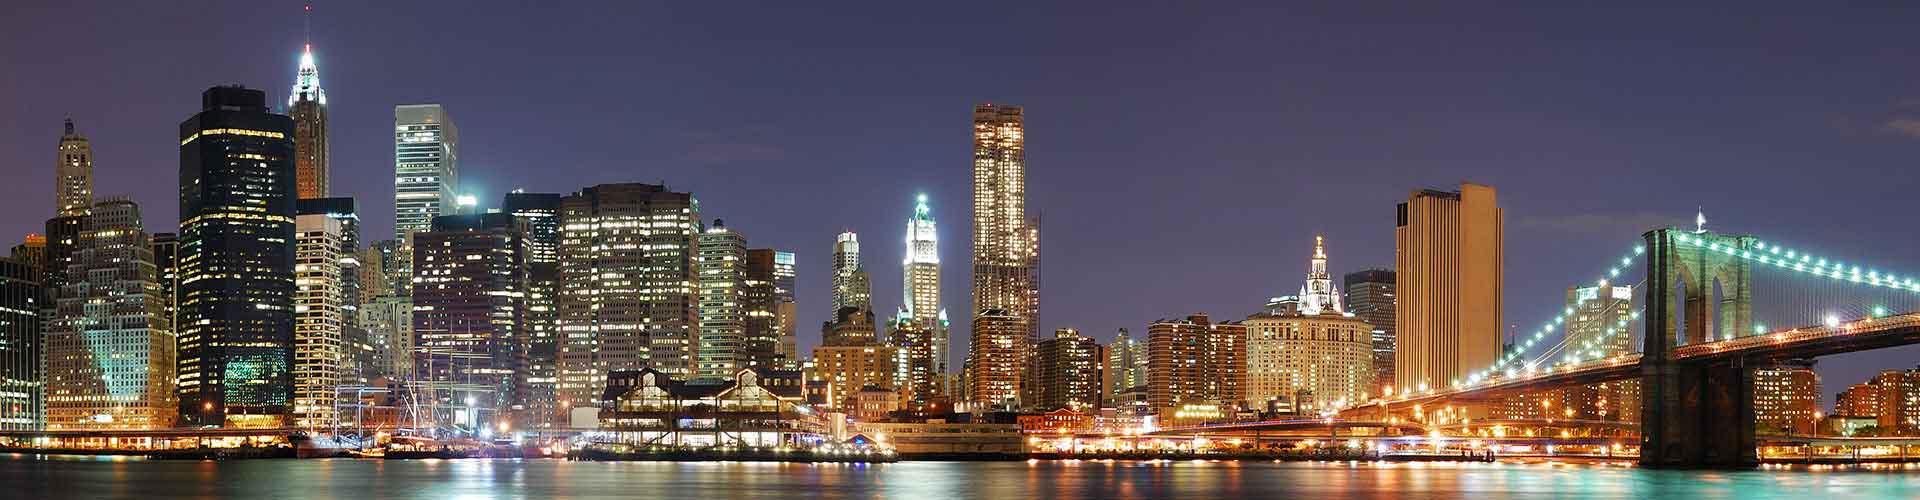 Nueva York - Albergues Juveniles en Nueva York. Mapas de Nueva York, Fotos y Comentarios para cada Albergue Juvenil en Nueva York.